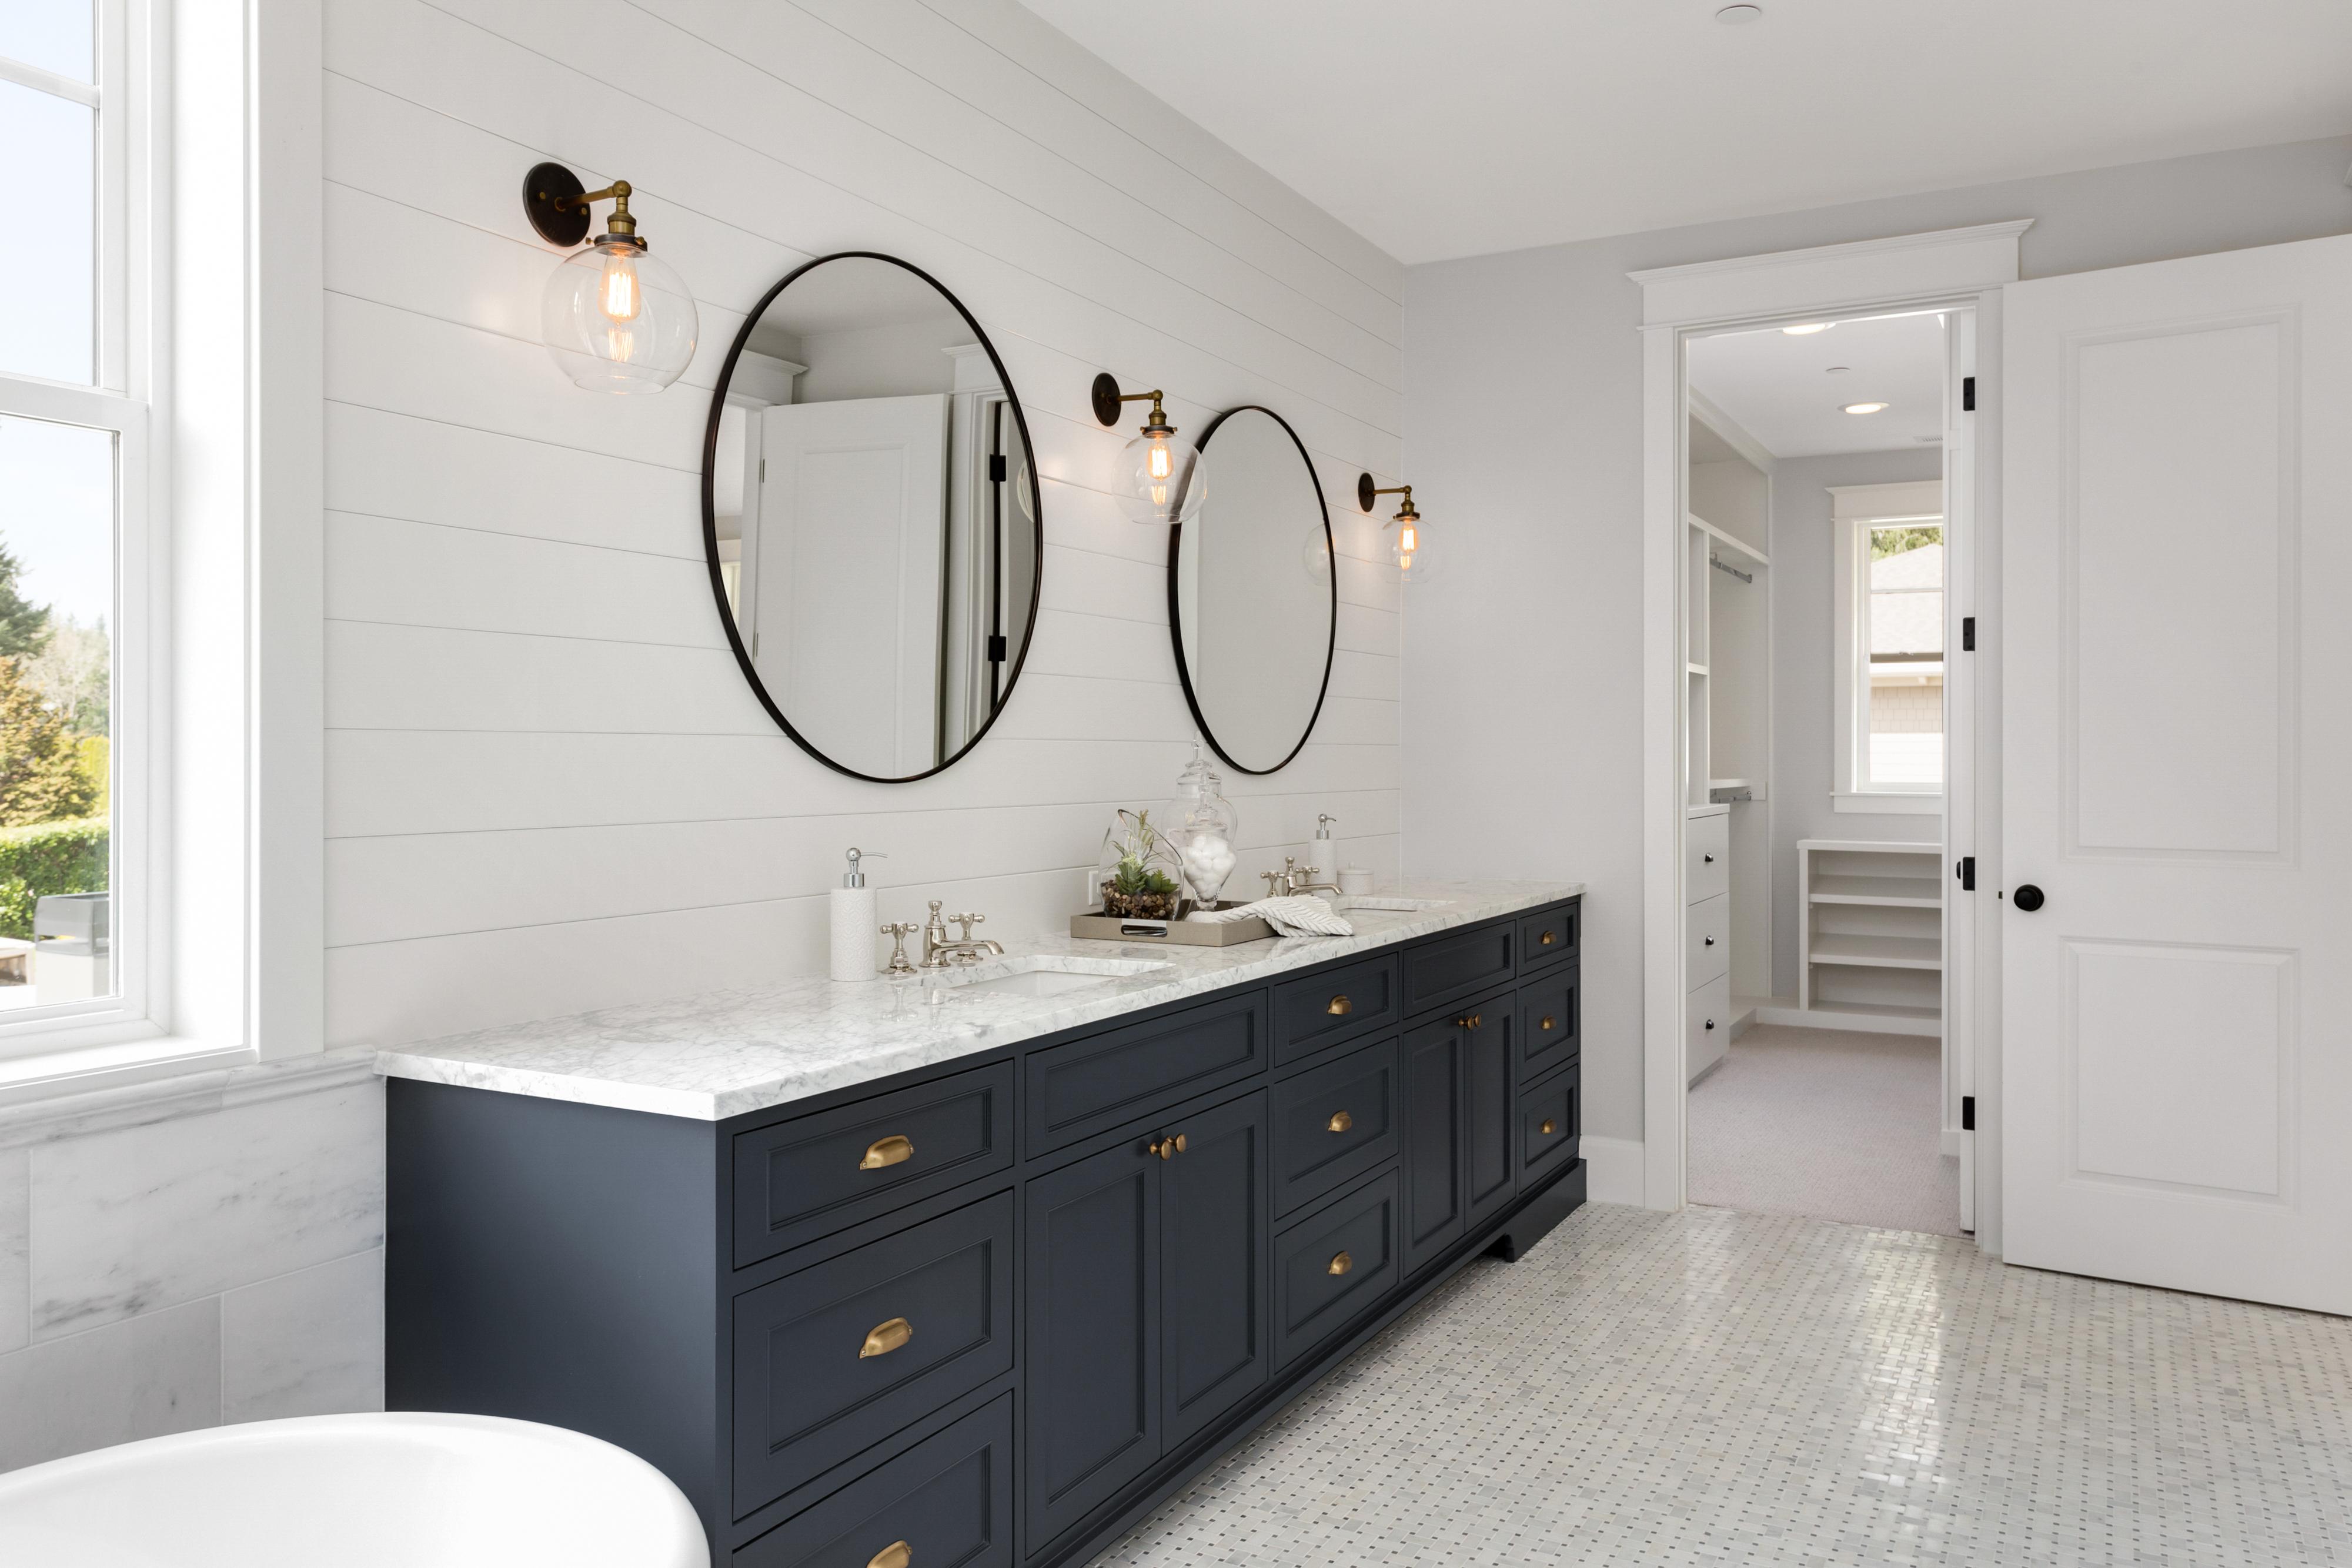 Staycation-Worthy Bathroom